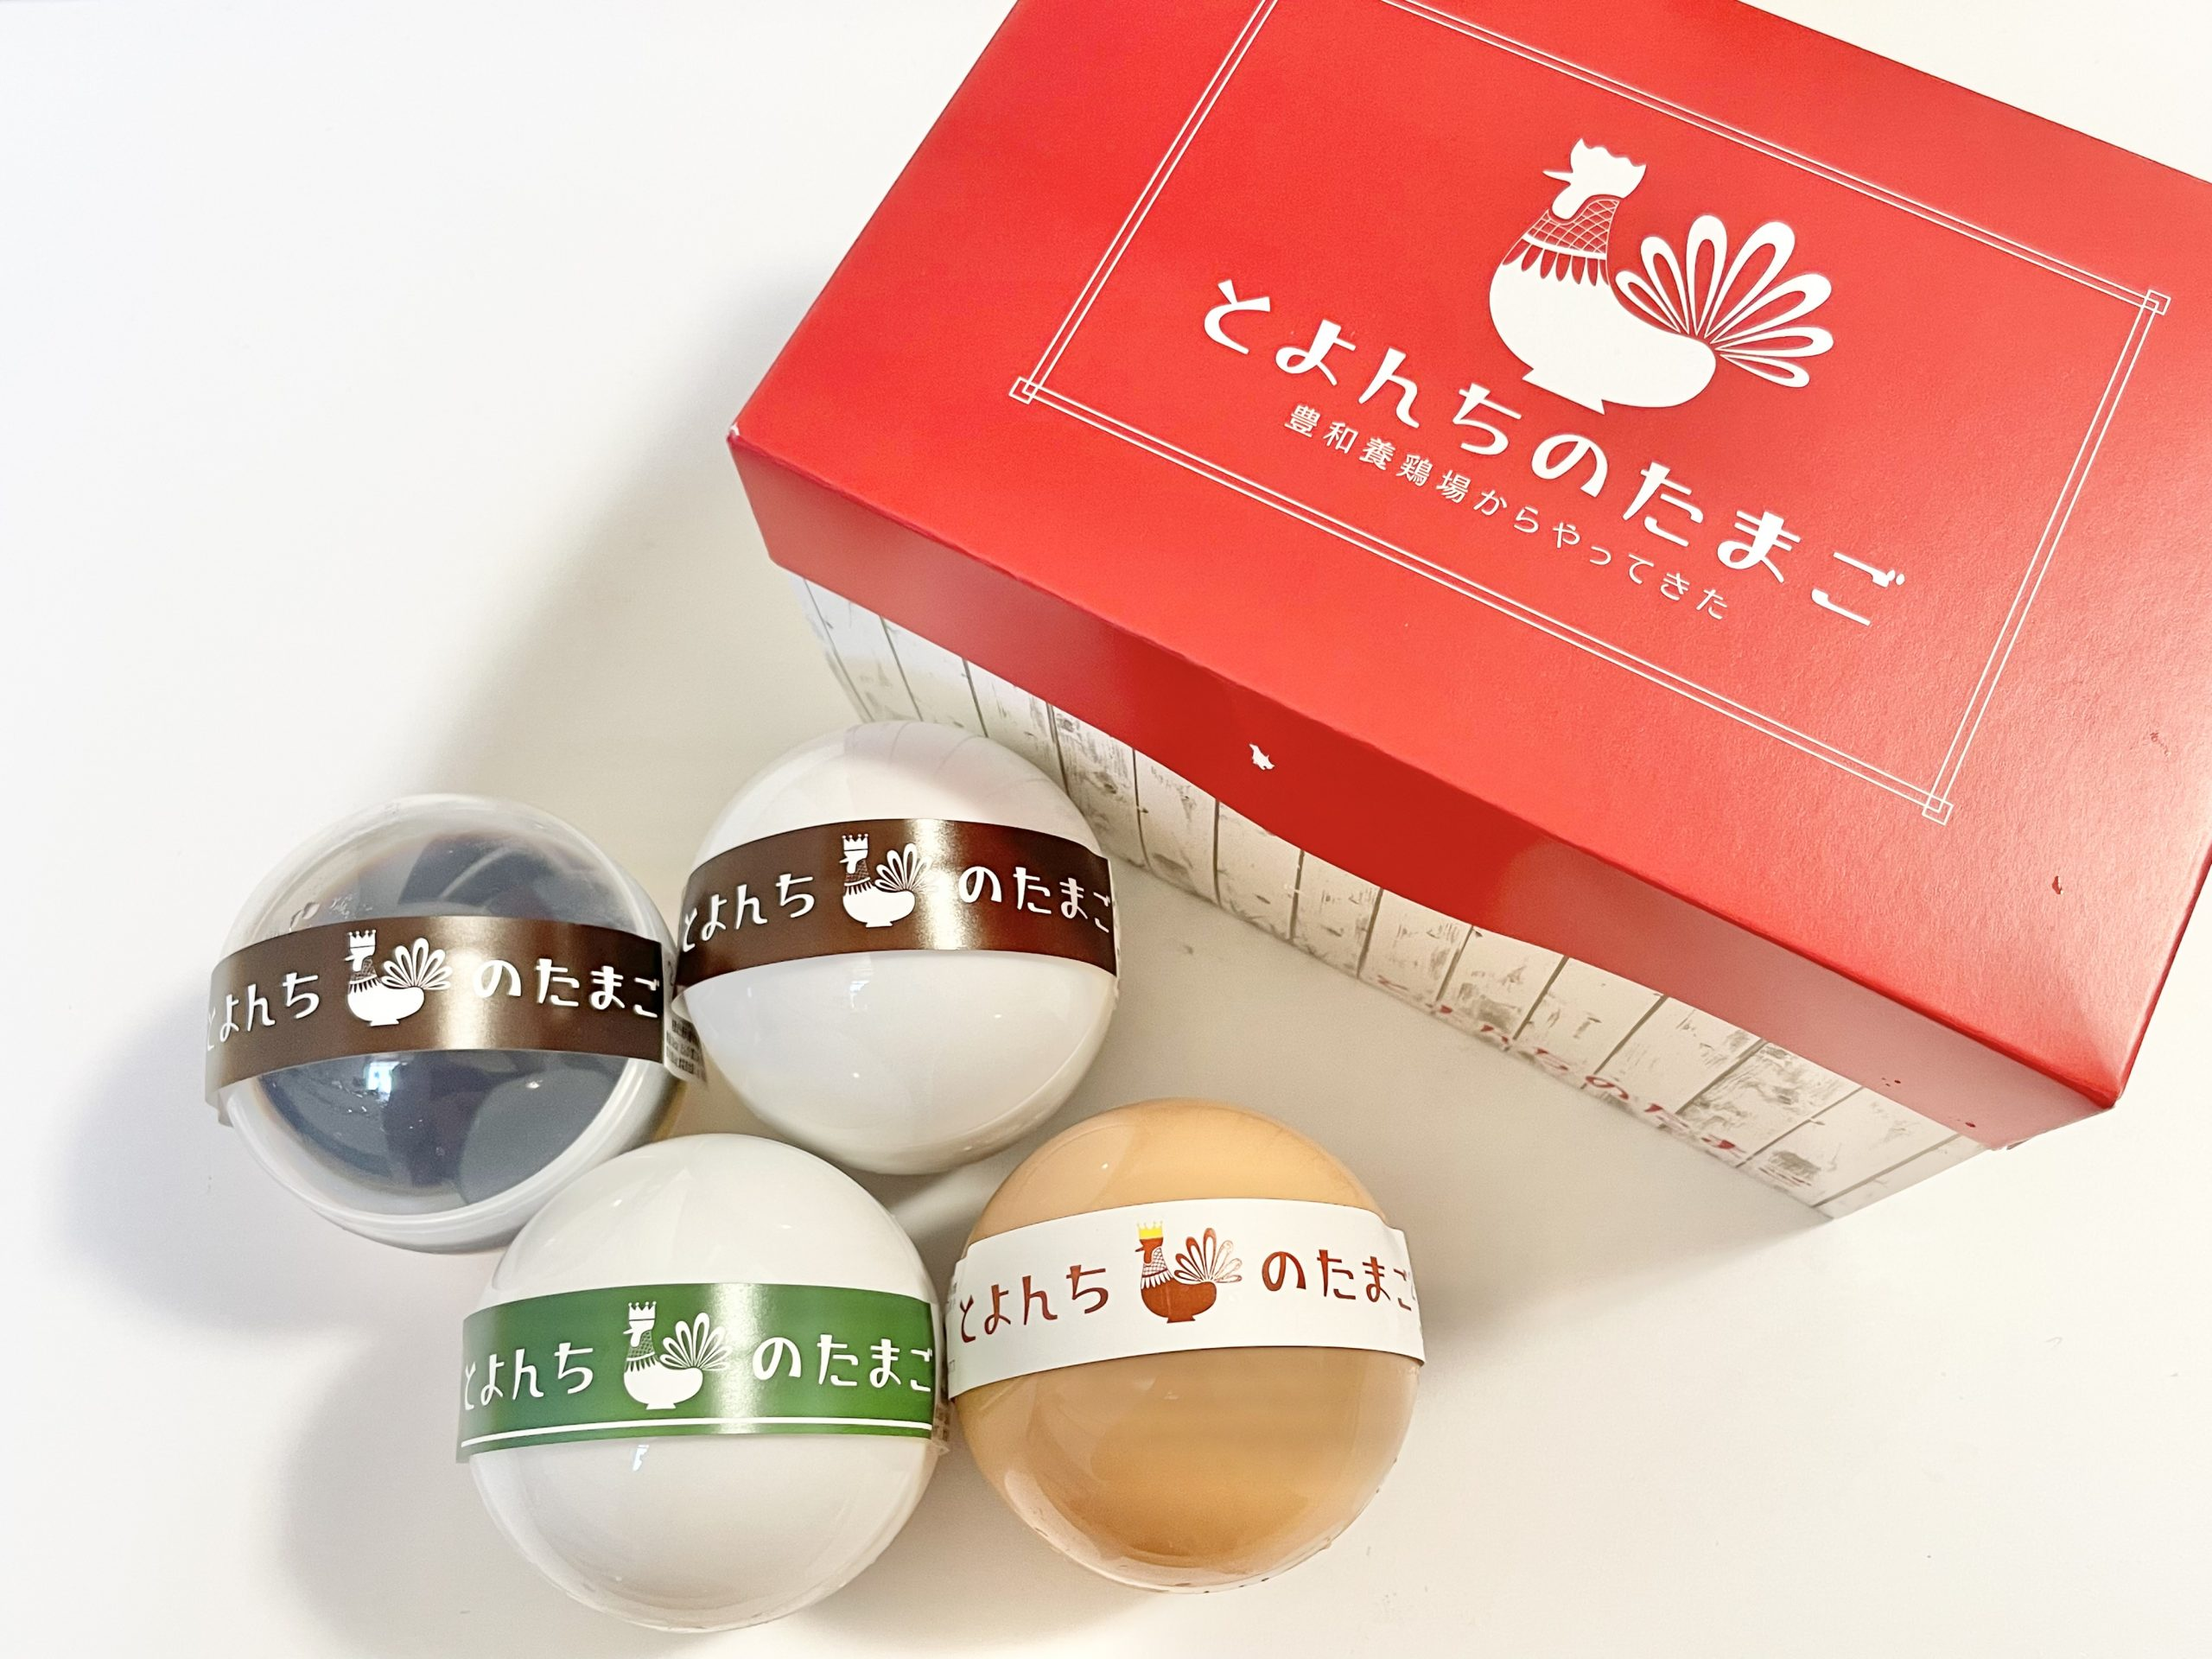 卵のケースに入った、お取り寄せ絶品プリン。たまご屋さん【とよんちのたまご】が作る見た目はたまごな「なめらかプリン」